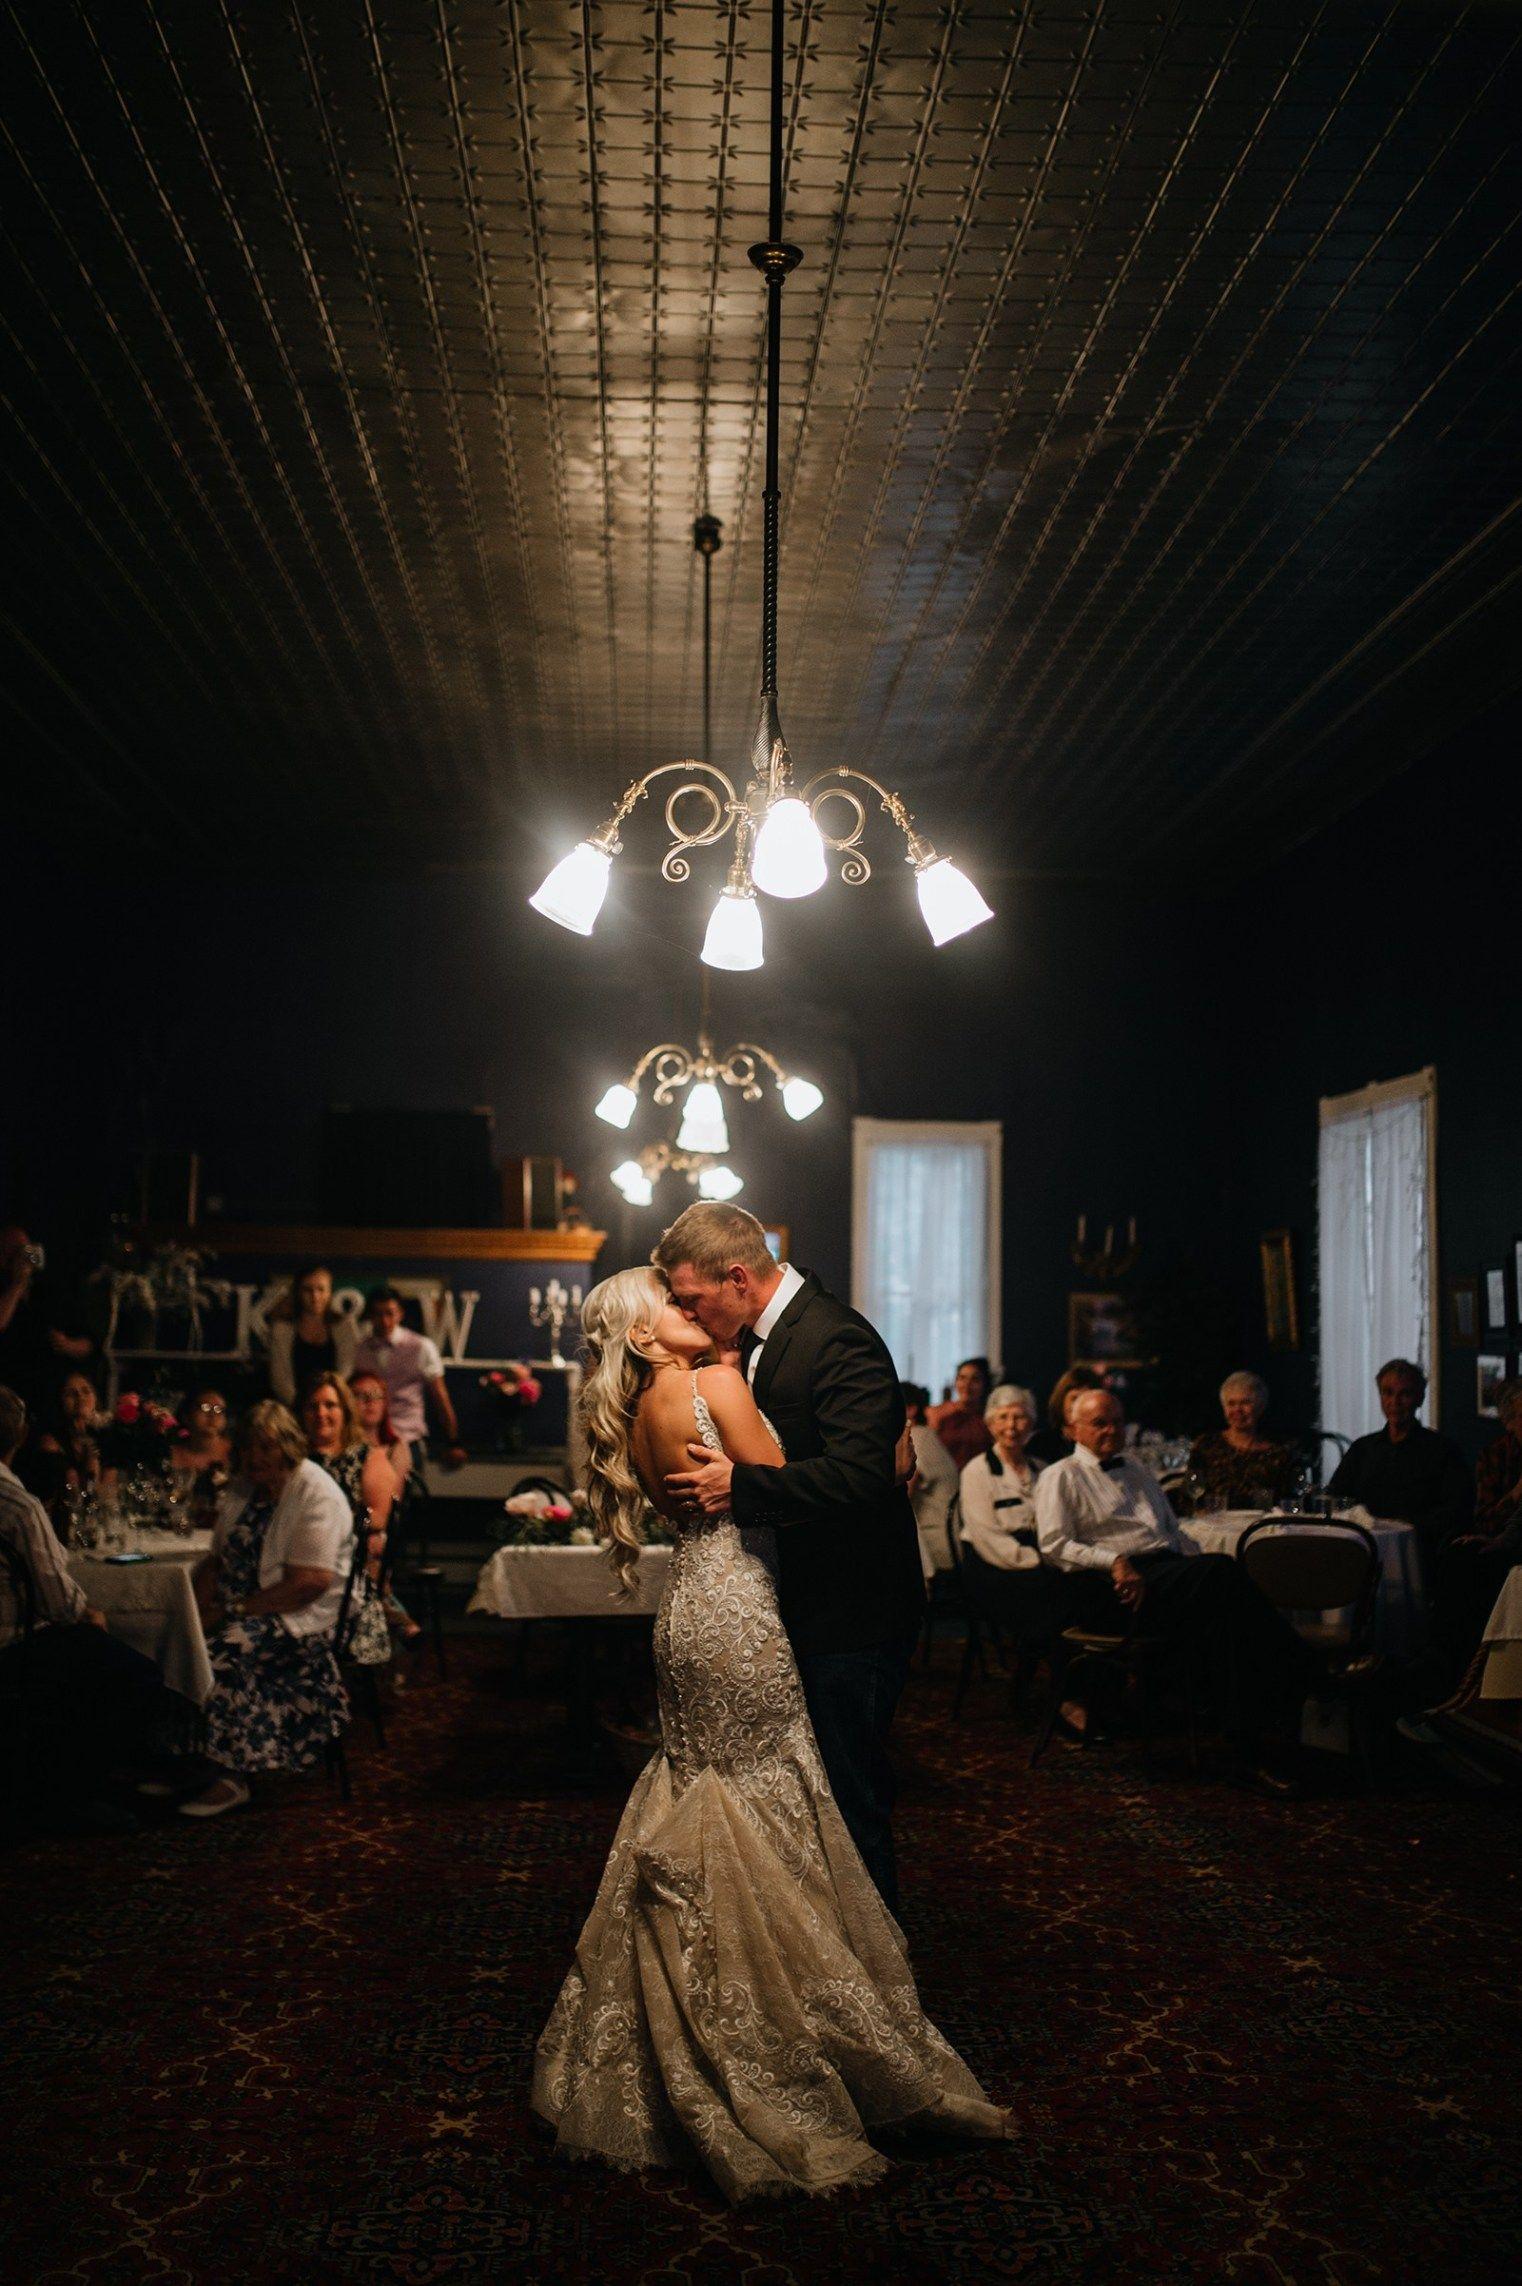 Ouray Colorado Wedding Hotel wedding receptions